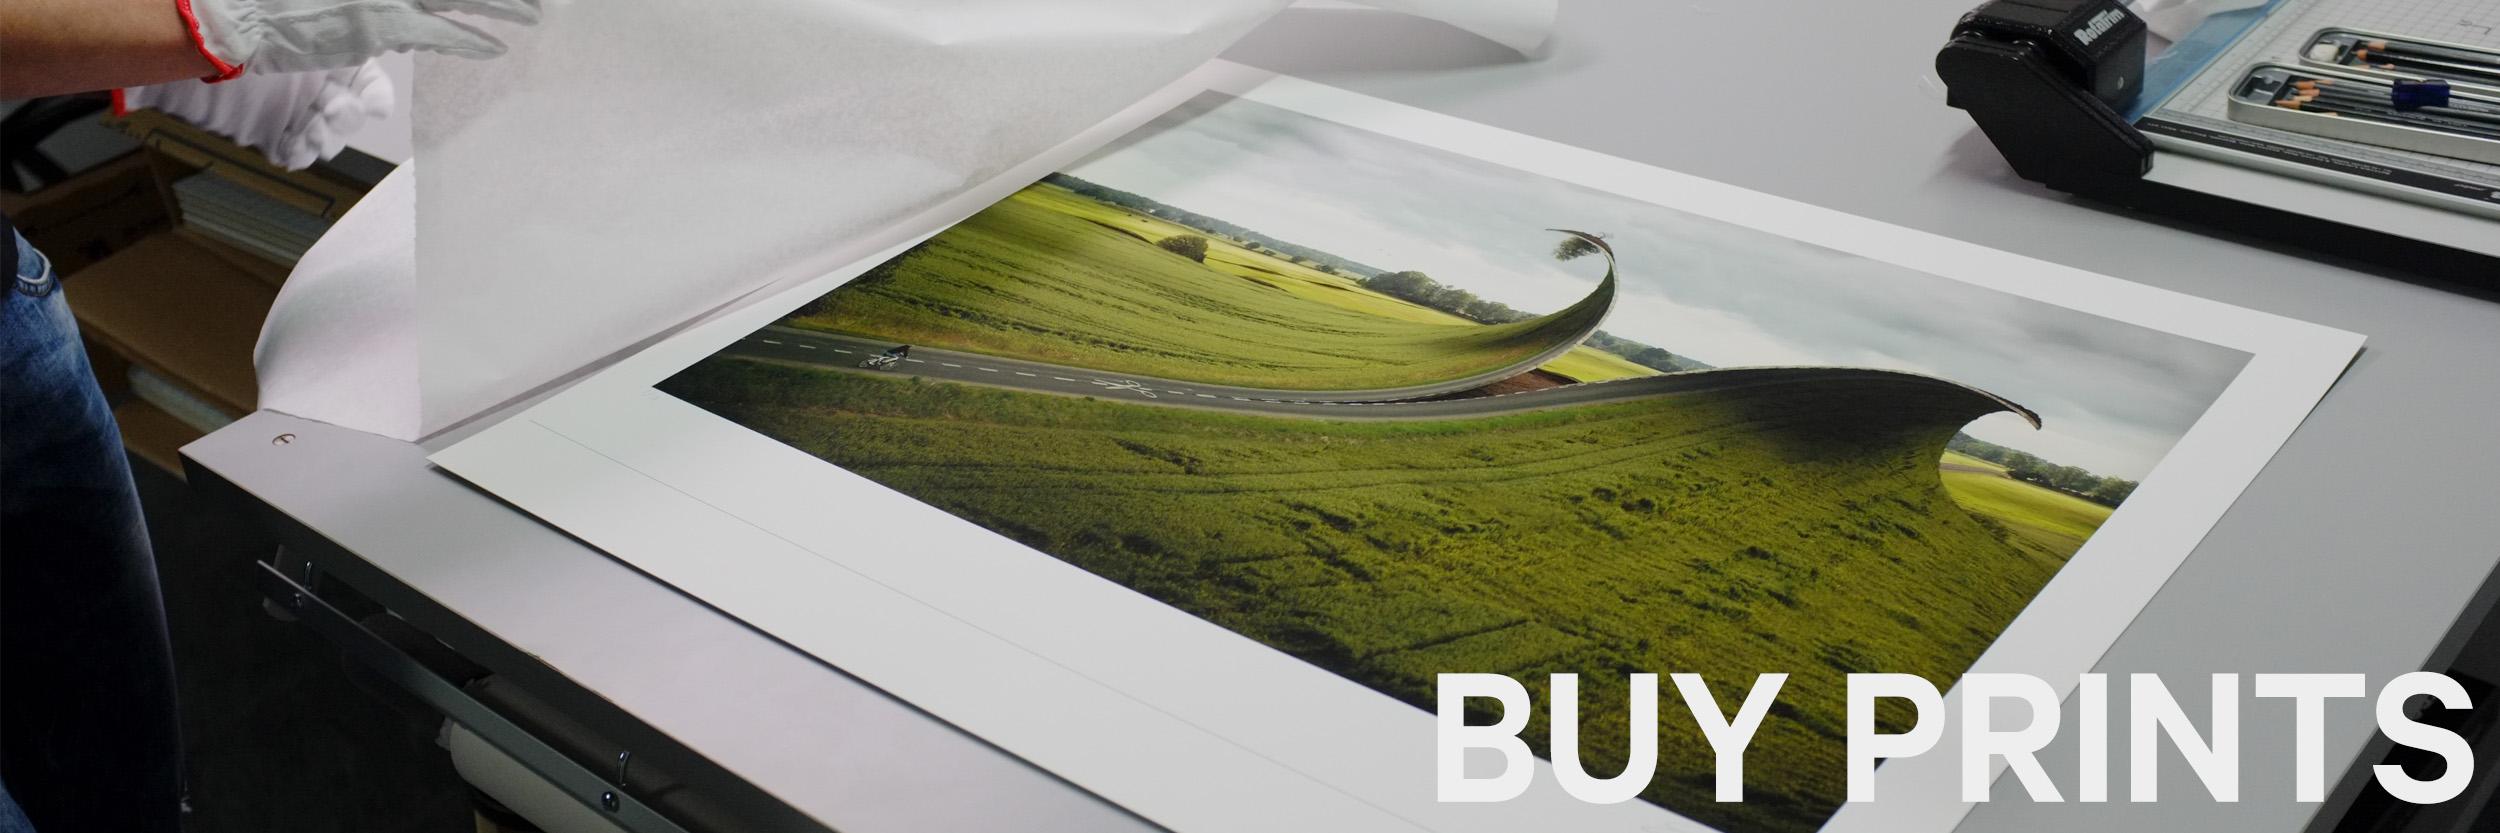 buyprint_banner2.jpg